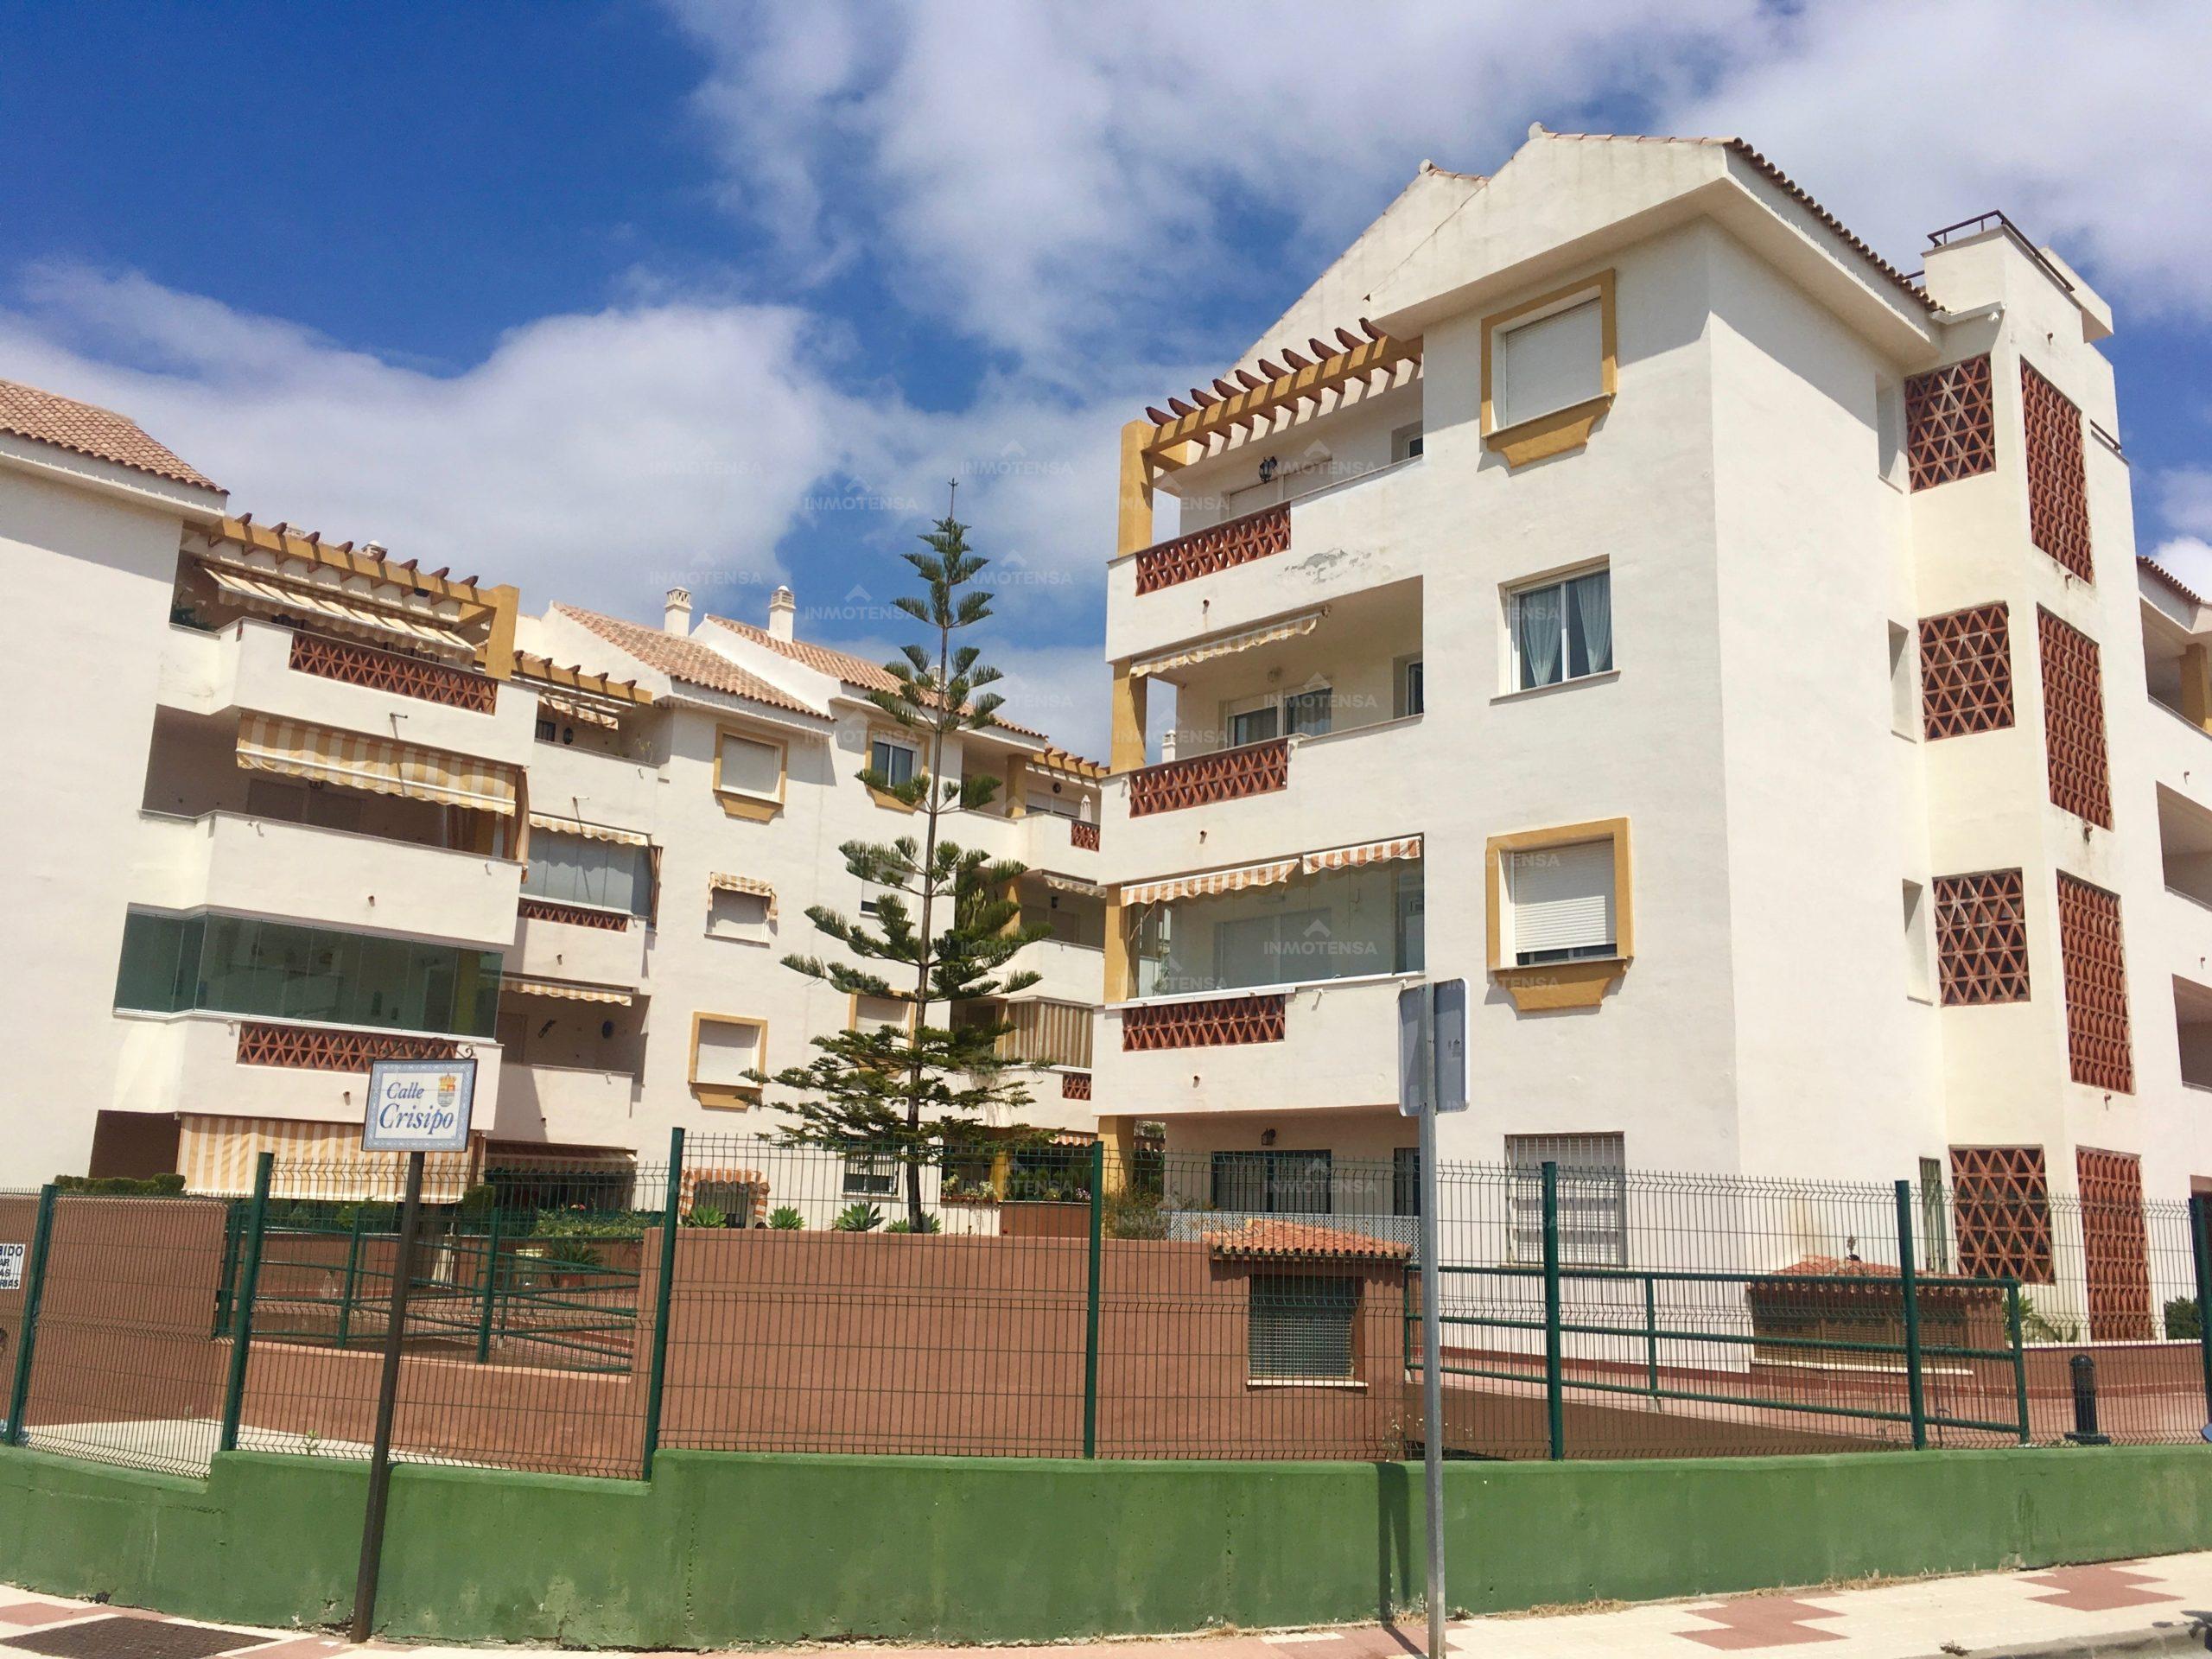 Vivienda de 3 dormitorios Reformada en Añoreta Baja, Torre de Benagalbón, Rincón de la Victoria